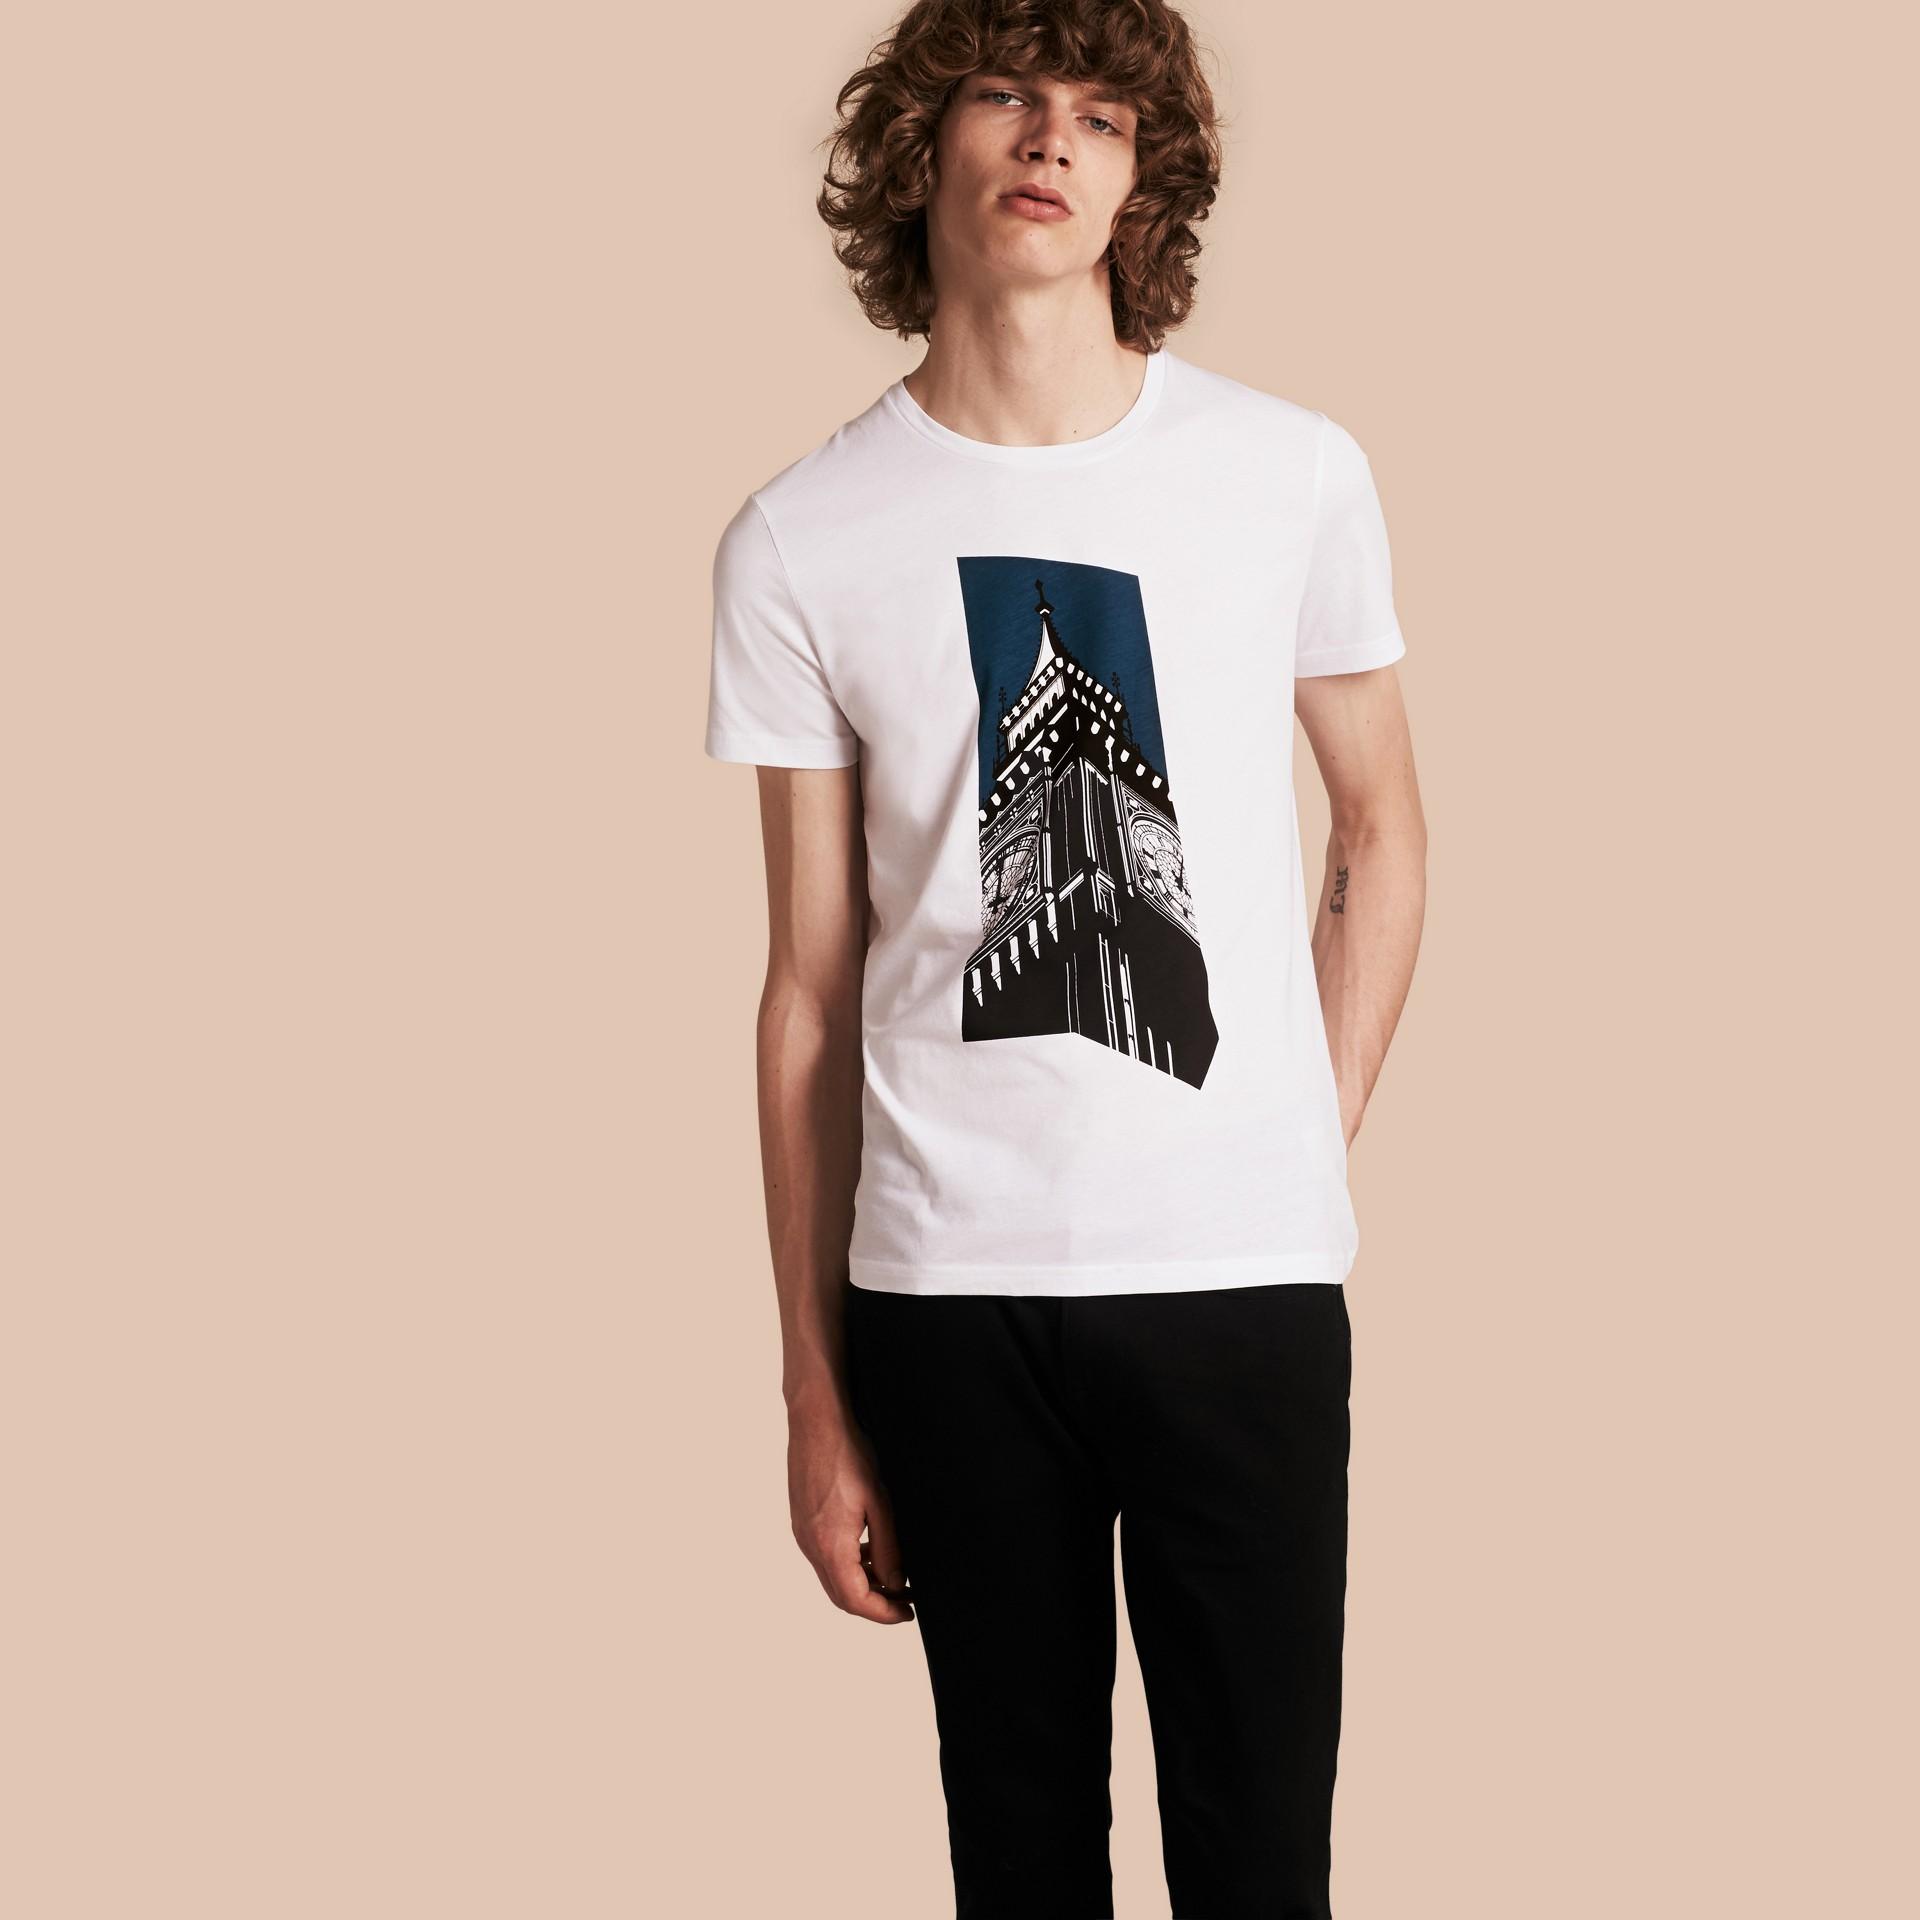 Branco Camiseta de algodão com estampa do Big Ben - galeria de imagens 1